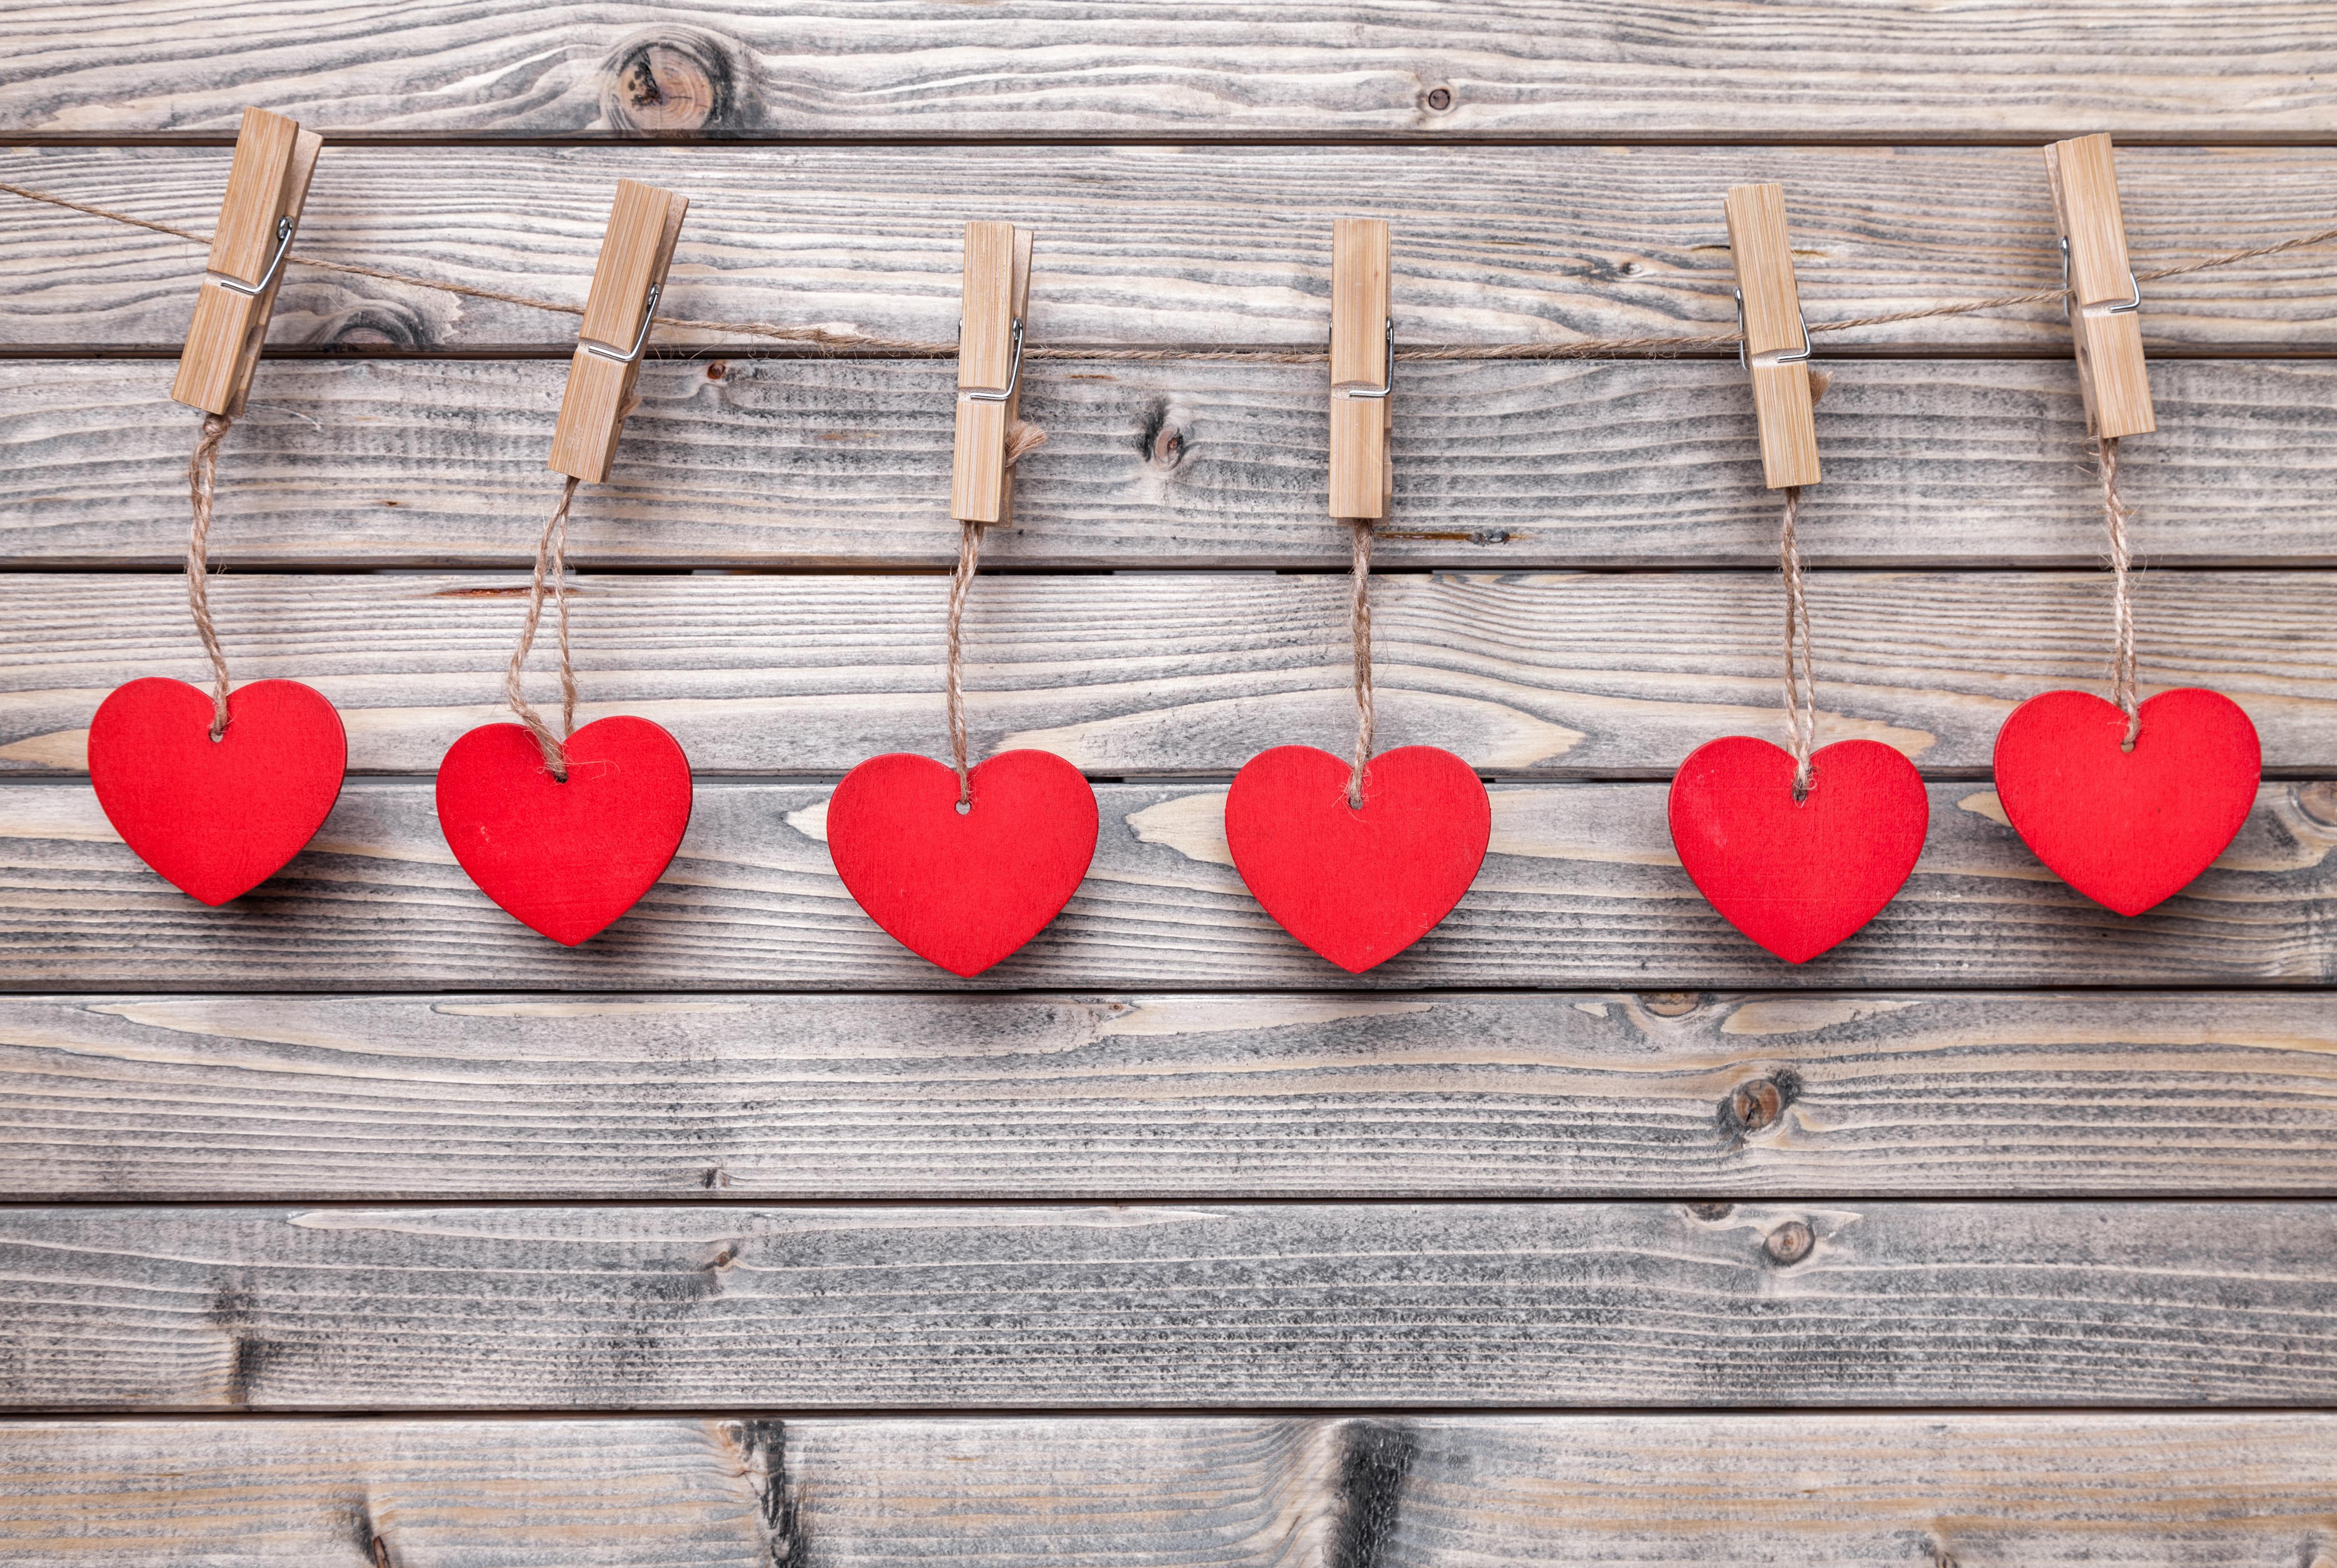 вам понравилось, картинки деревянных сердечек наше время